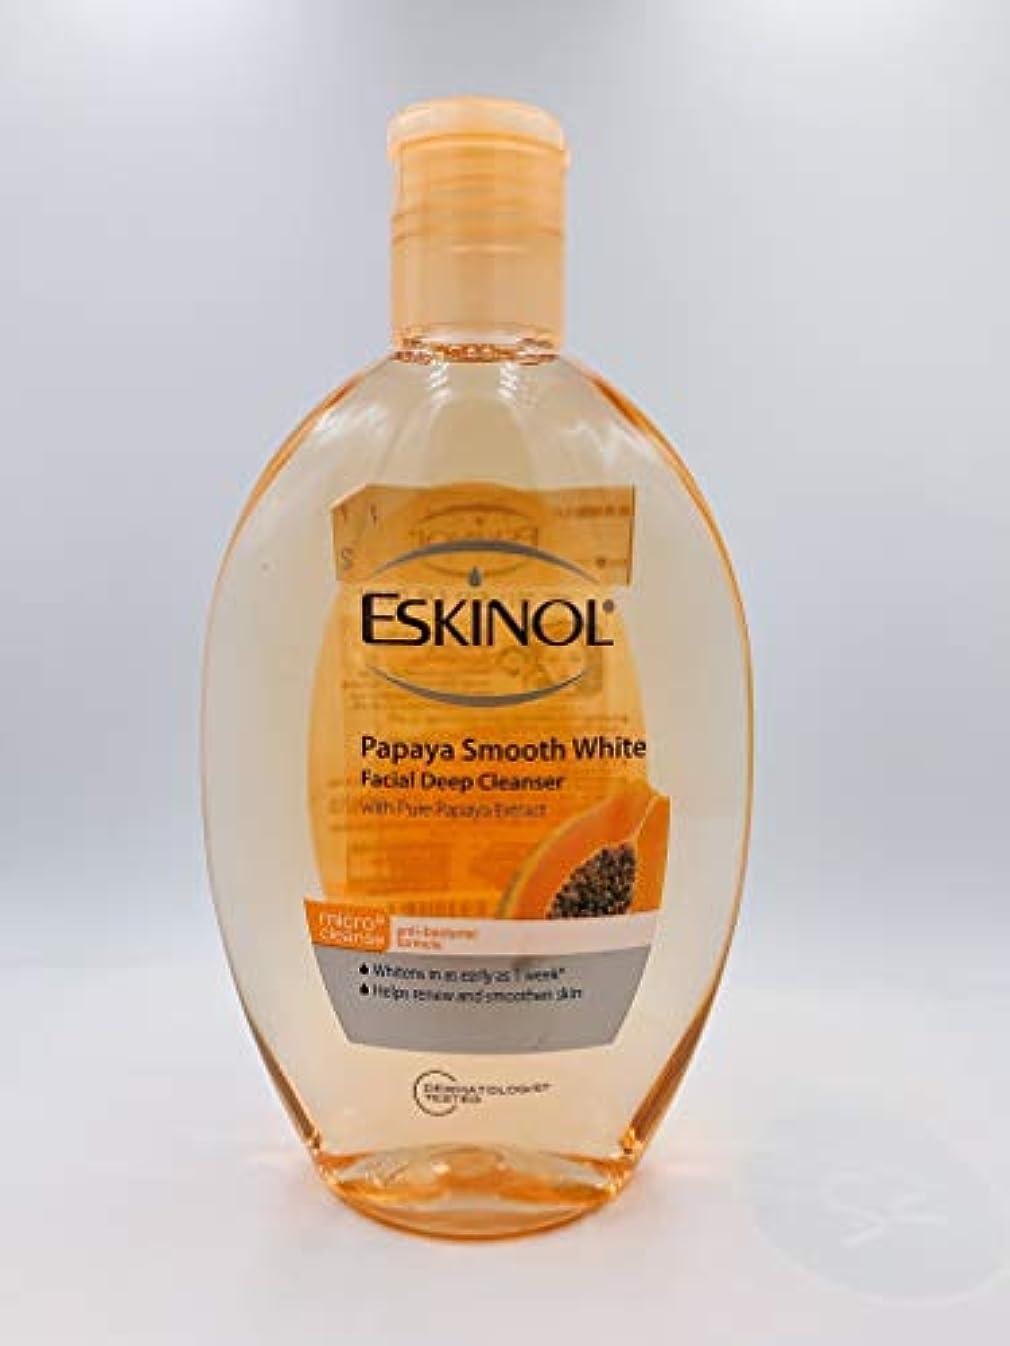 ギャラントリーランダム防ぐEskinol Naturals Papaya Facial Cleanser 7.6 Oz - 225 ml Bottle by Eskinol